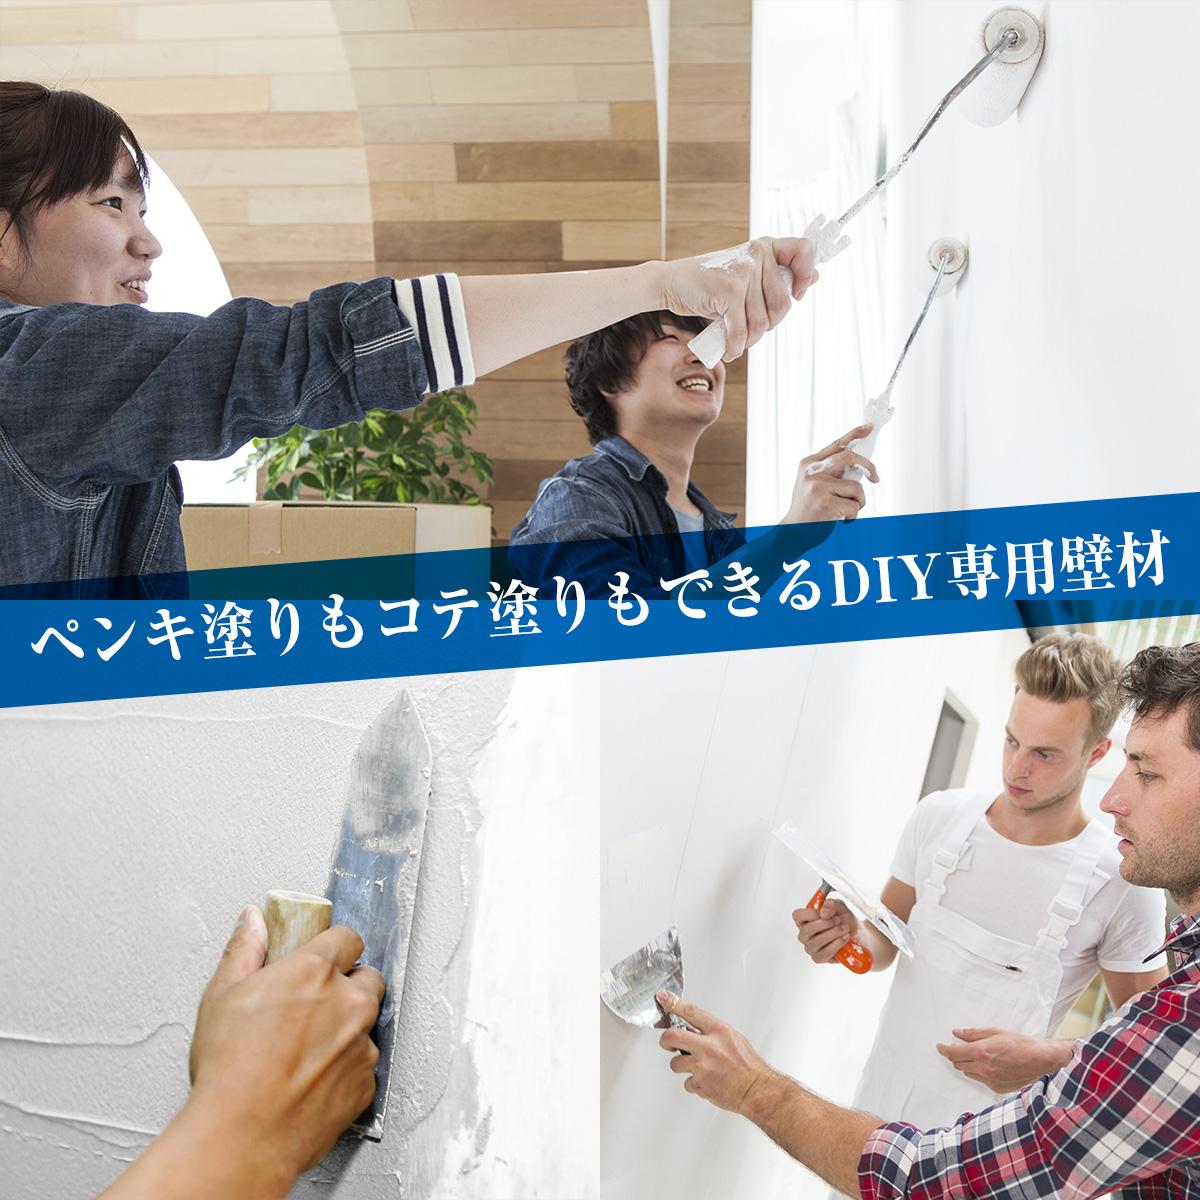 ペンキ塗りもコテ塗りもできるDIY専用壁材